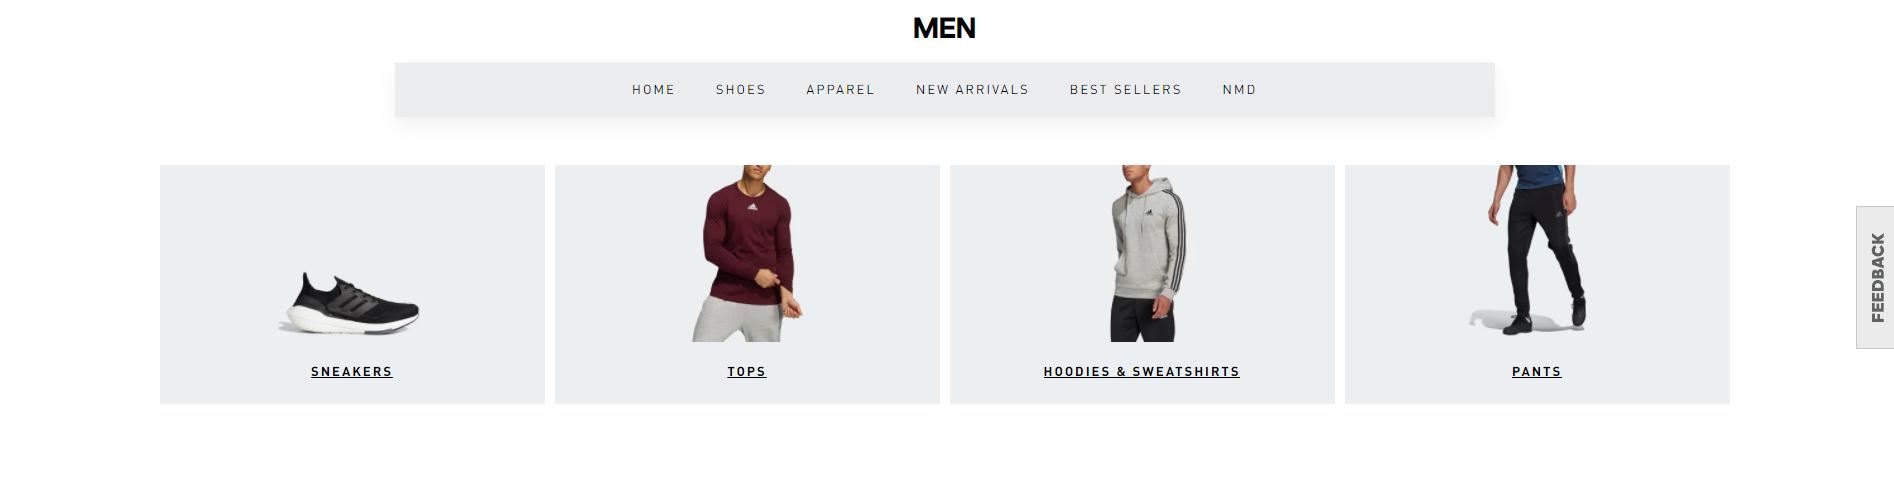 adidas-website-hierarchy